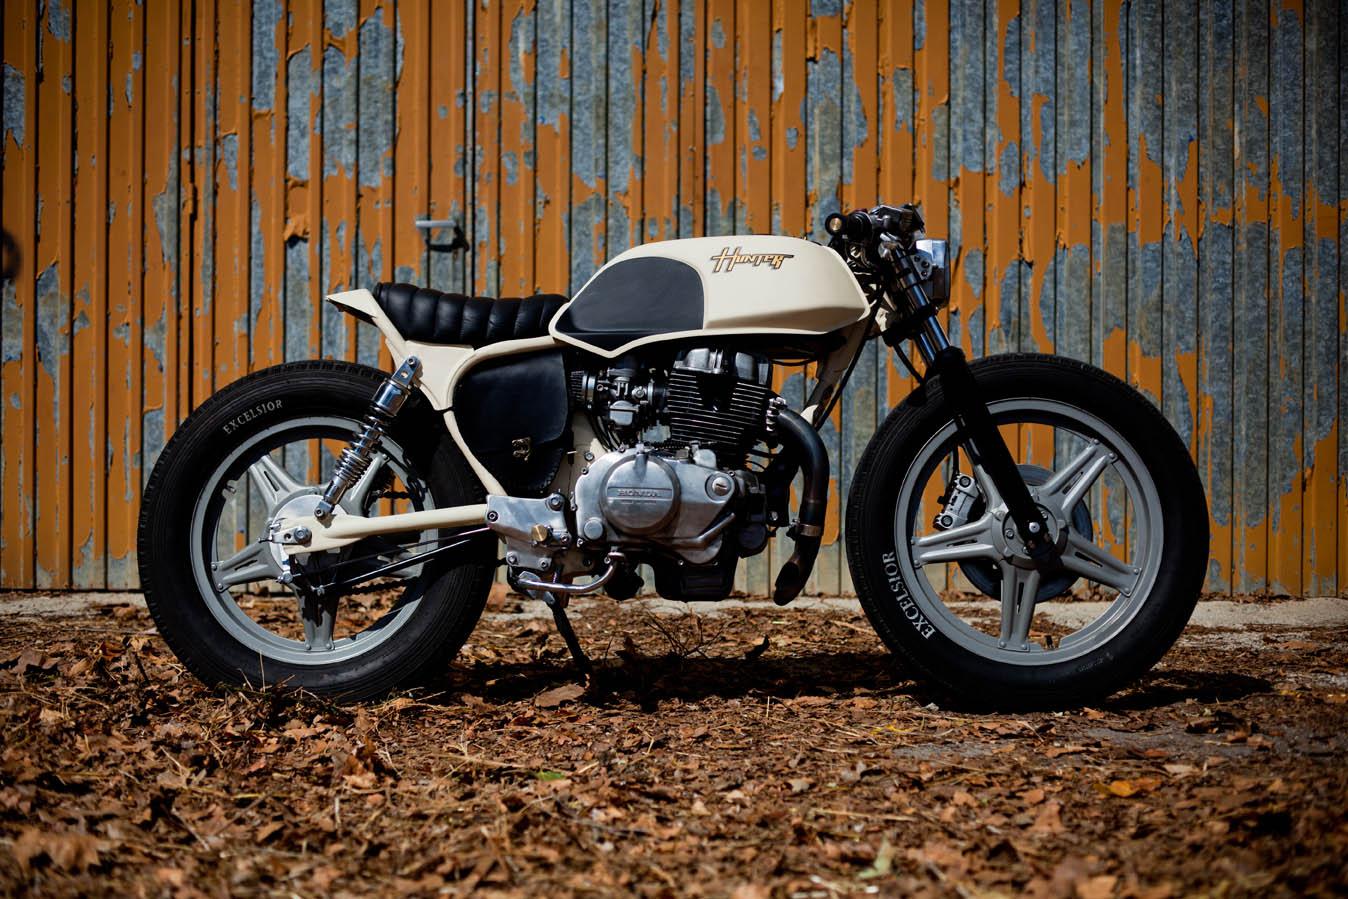 HUNTER la moto sexy del día